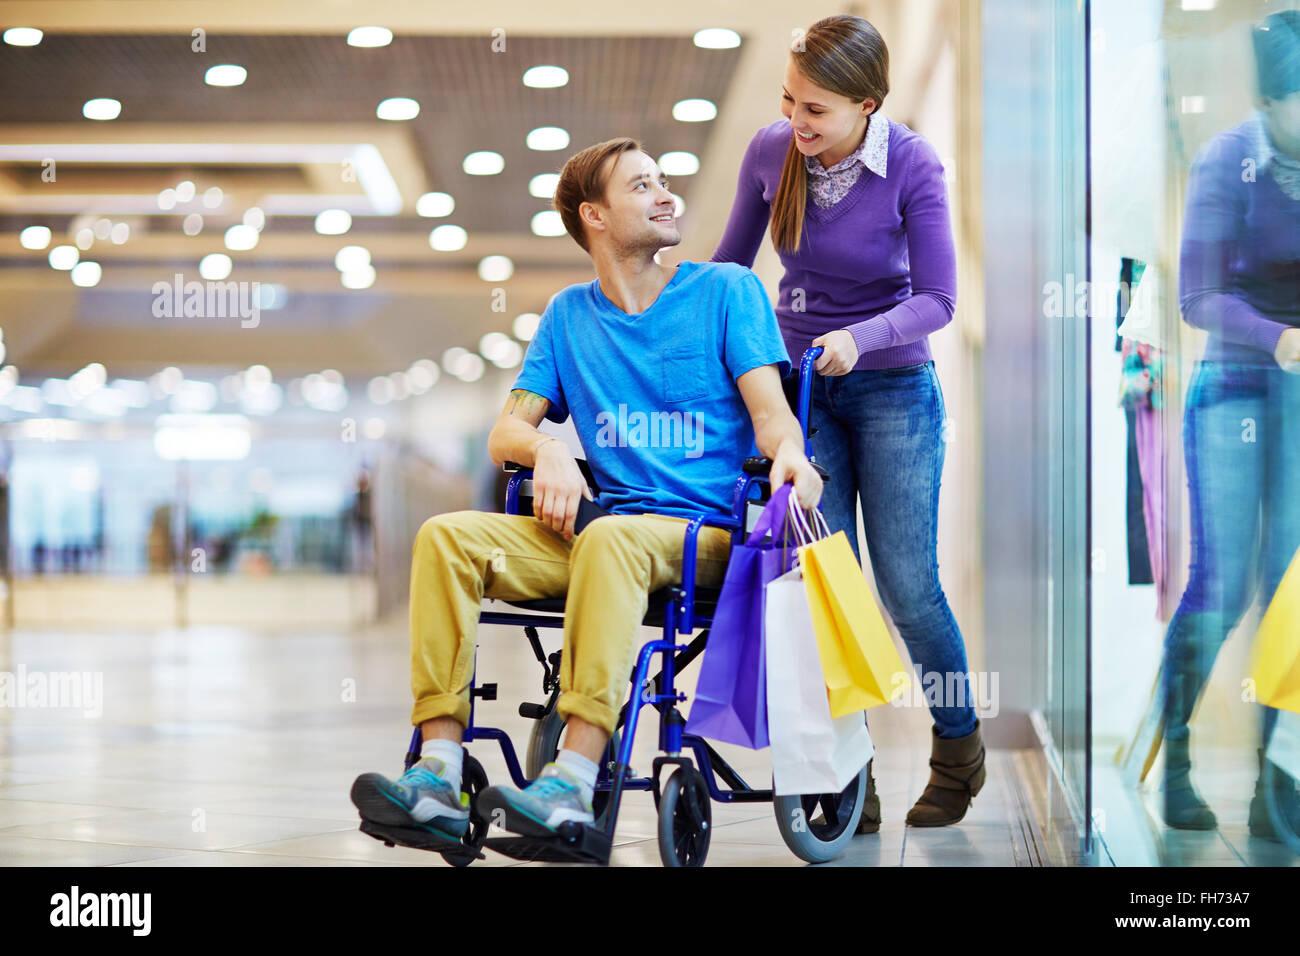 Cuidar de la chica que hablaba con su novio en silla de ruedas durante la venta Imagen De Stock